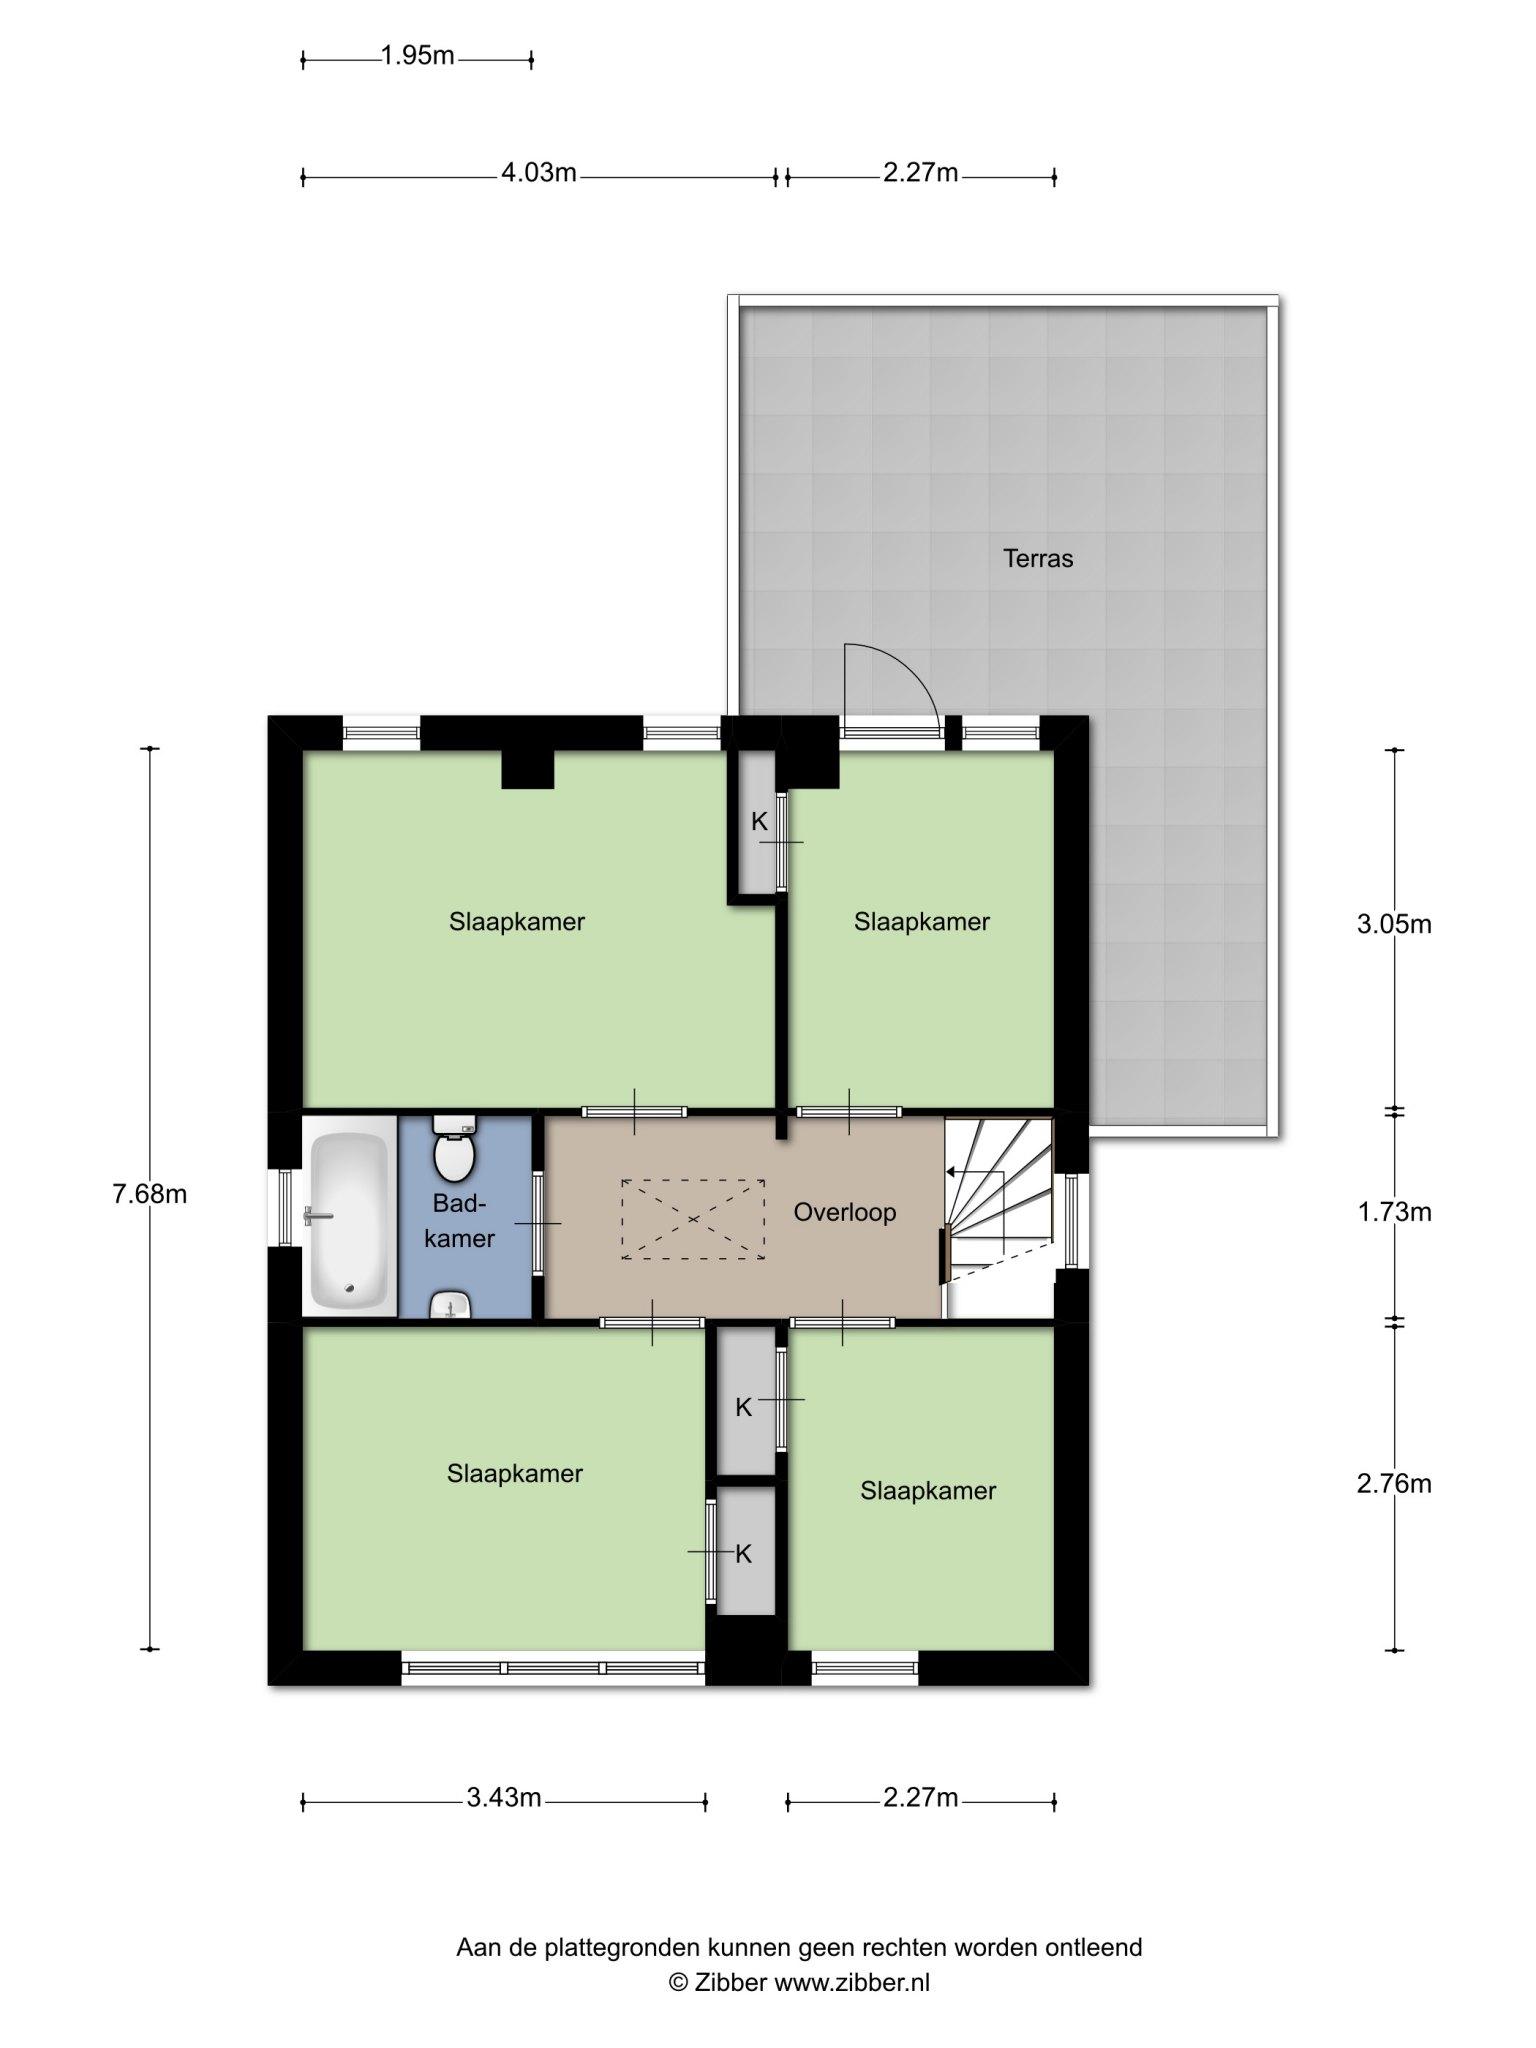 Gratis plattegrond -- 1e verdieping vrijstaande woning met garage Made